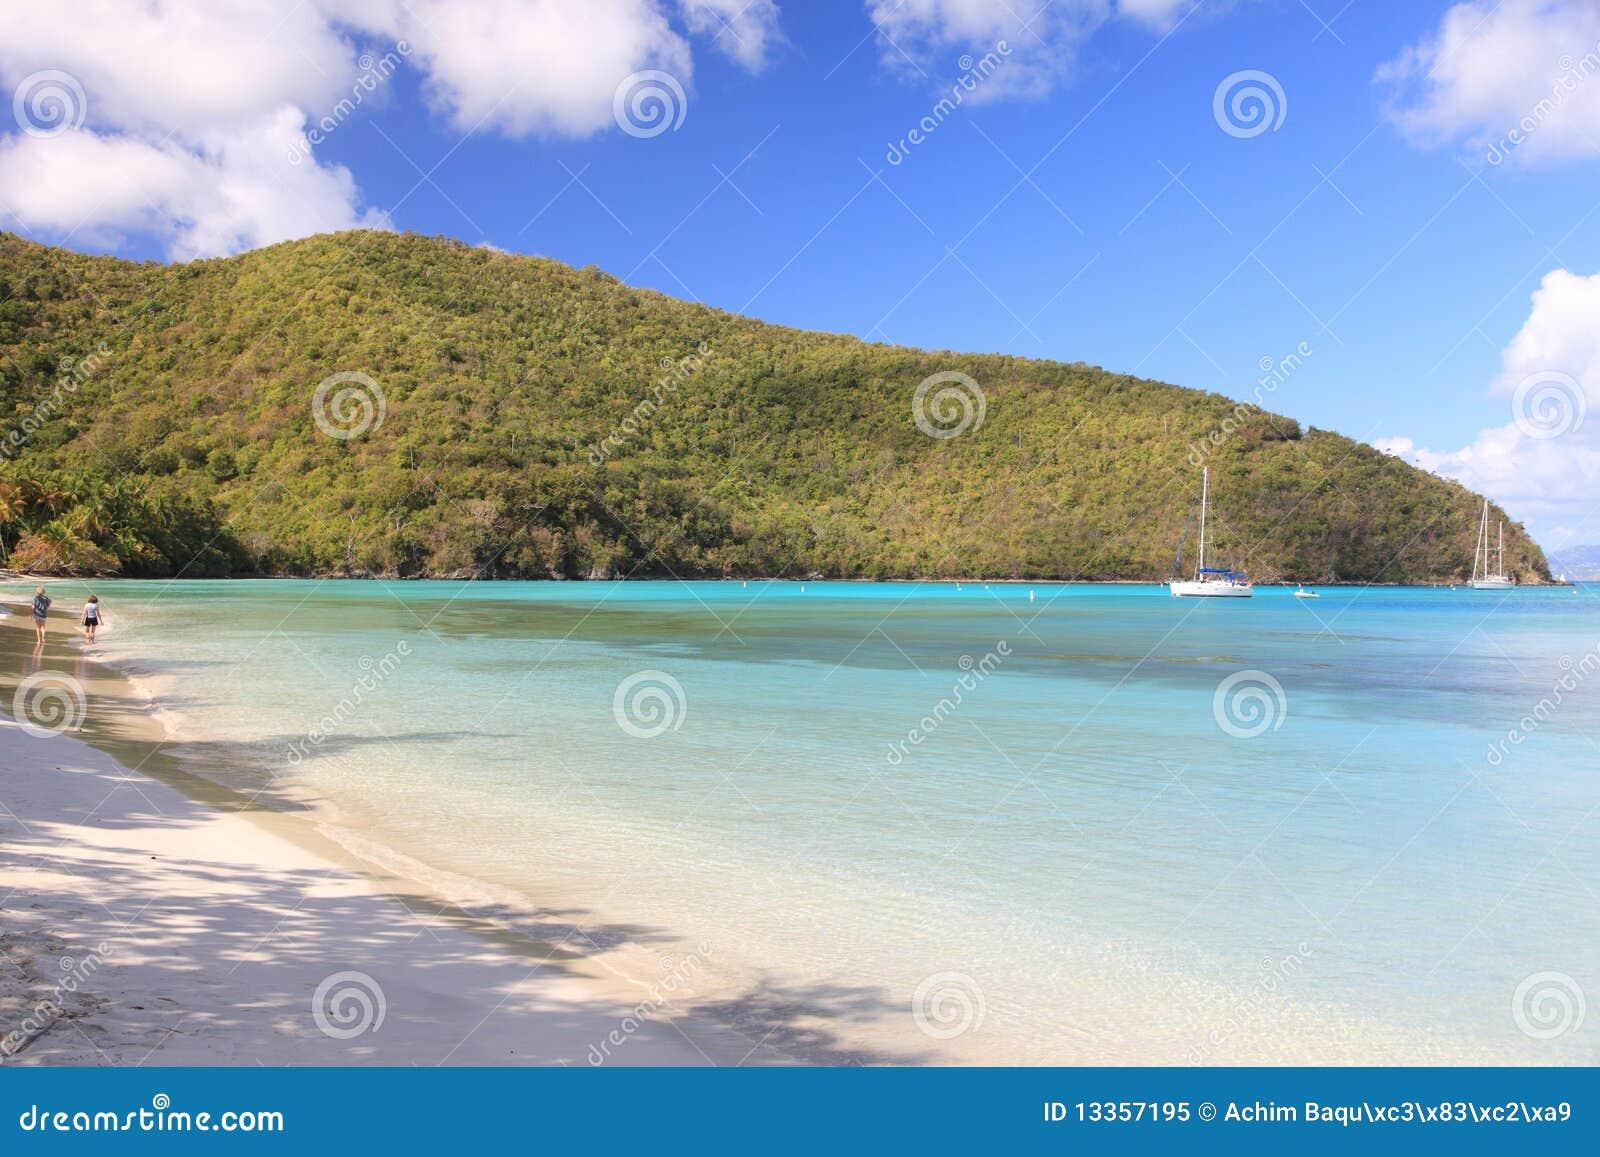 Us Virgin Islands Major Industries